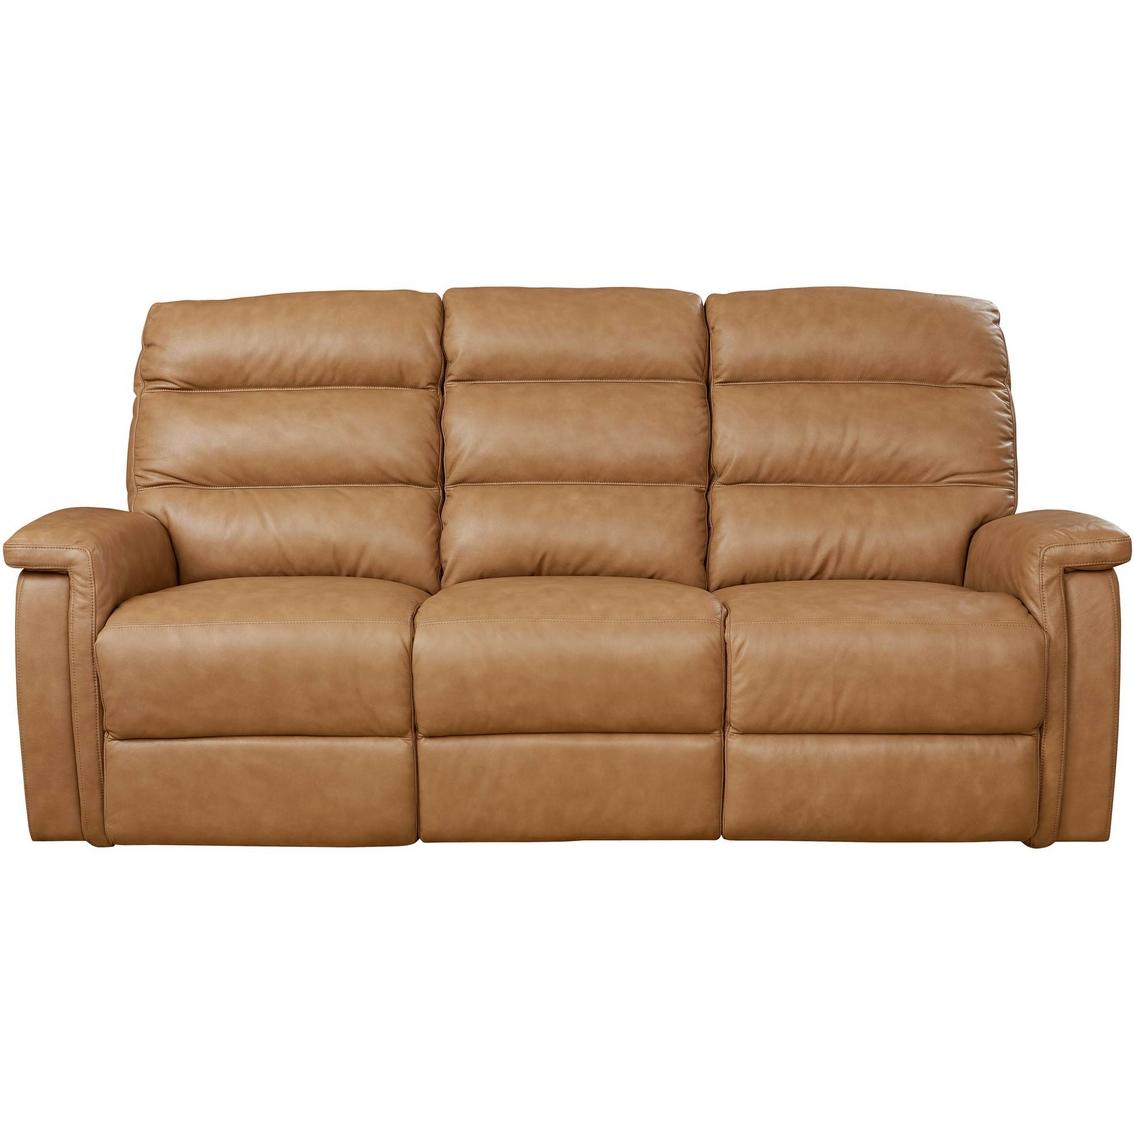 Bassett Regency Power Sofa